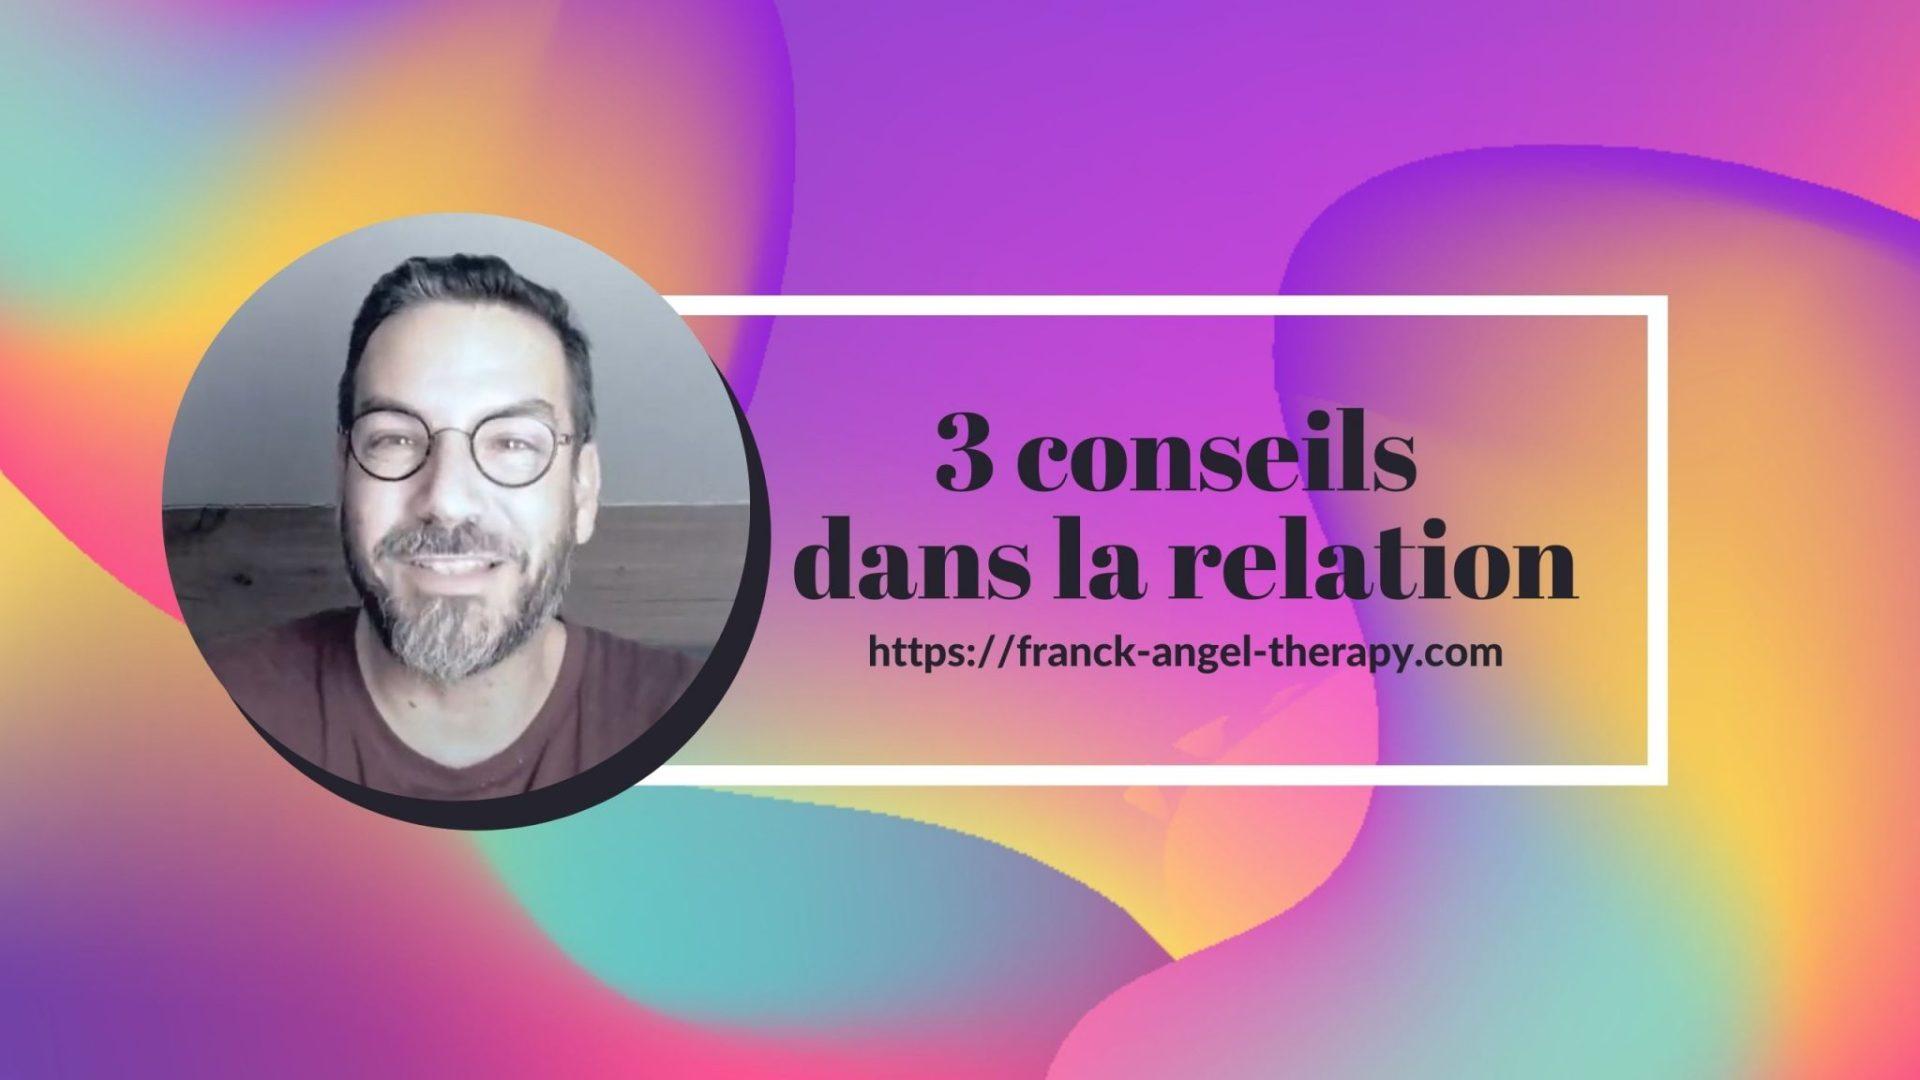 3 conseils dans la relation